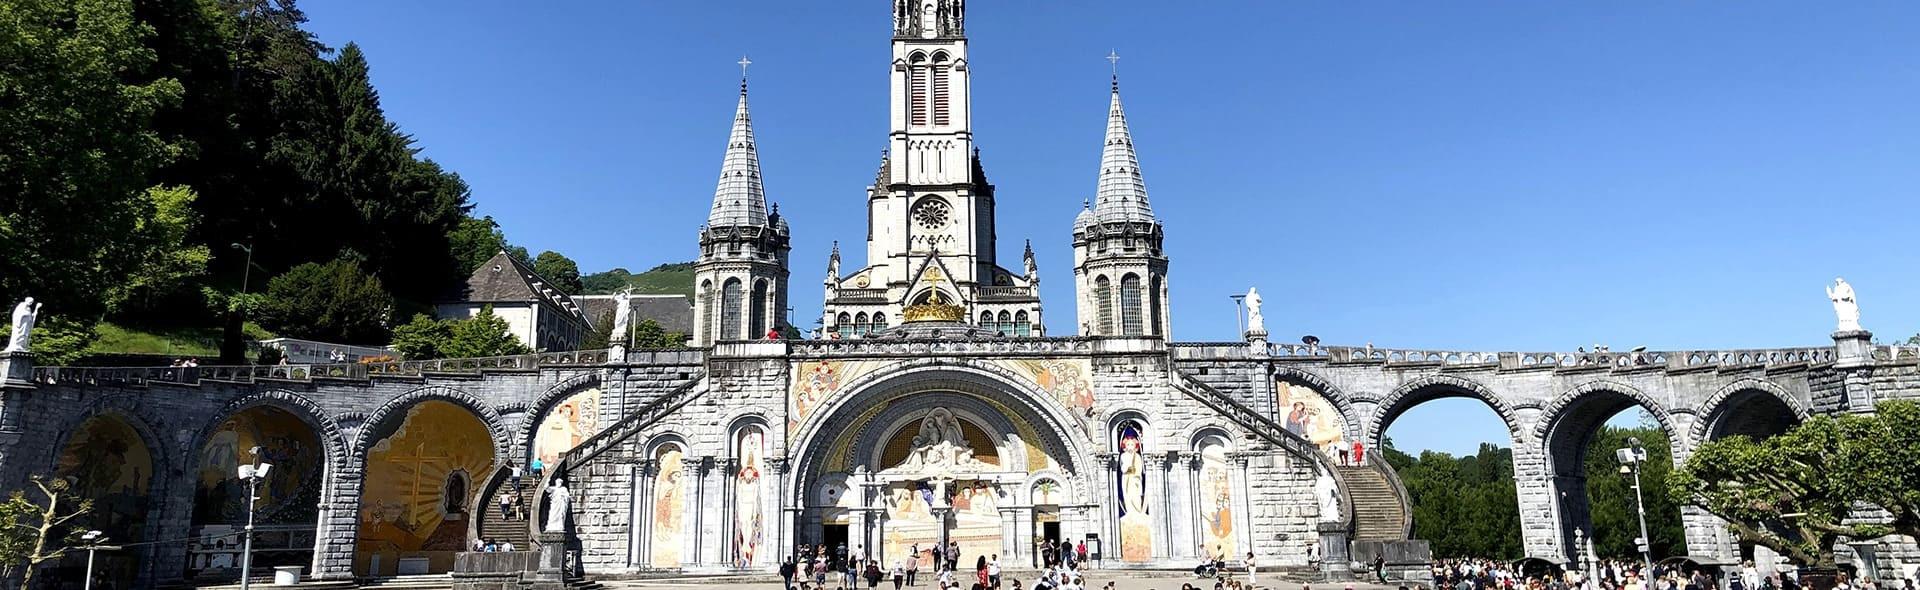 Viaggio a Lourdes in Aereo da Milano Giugno